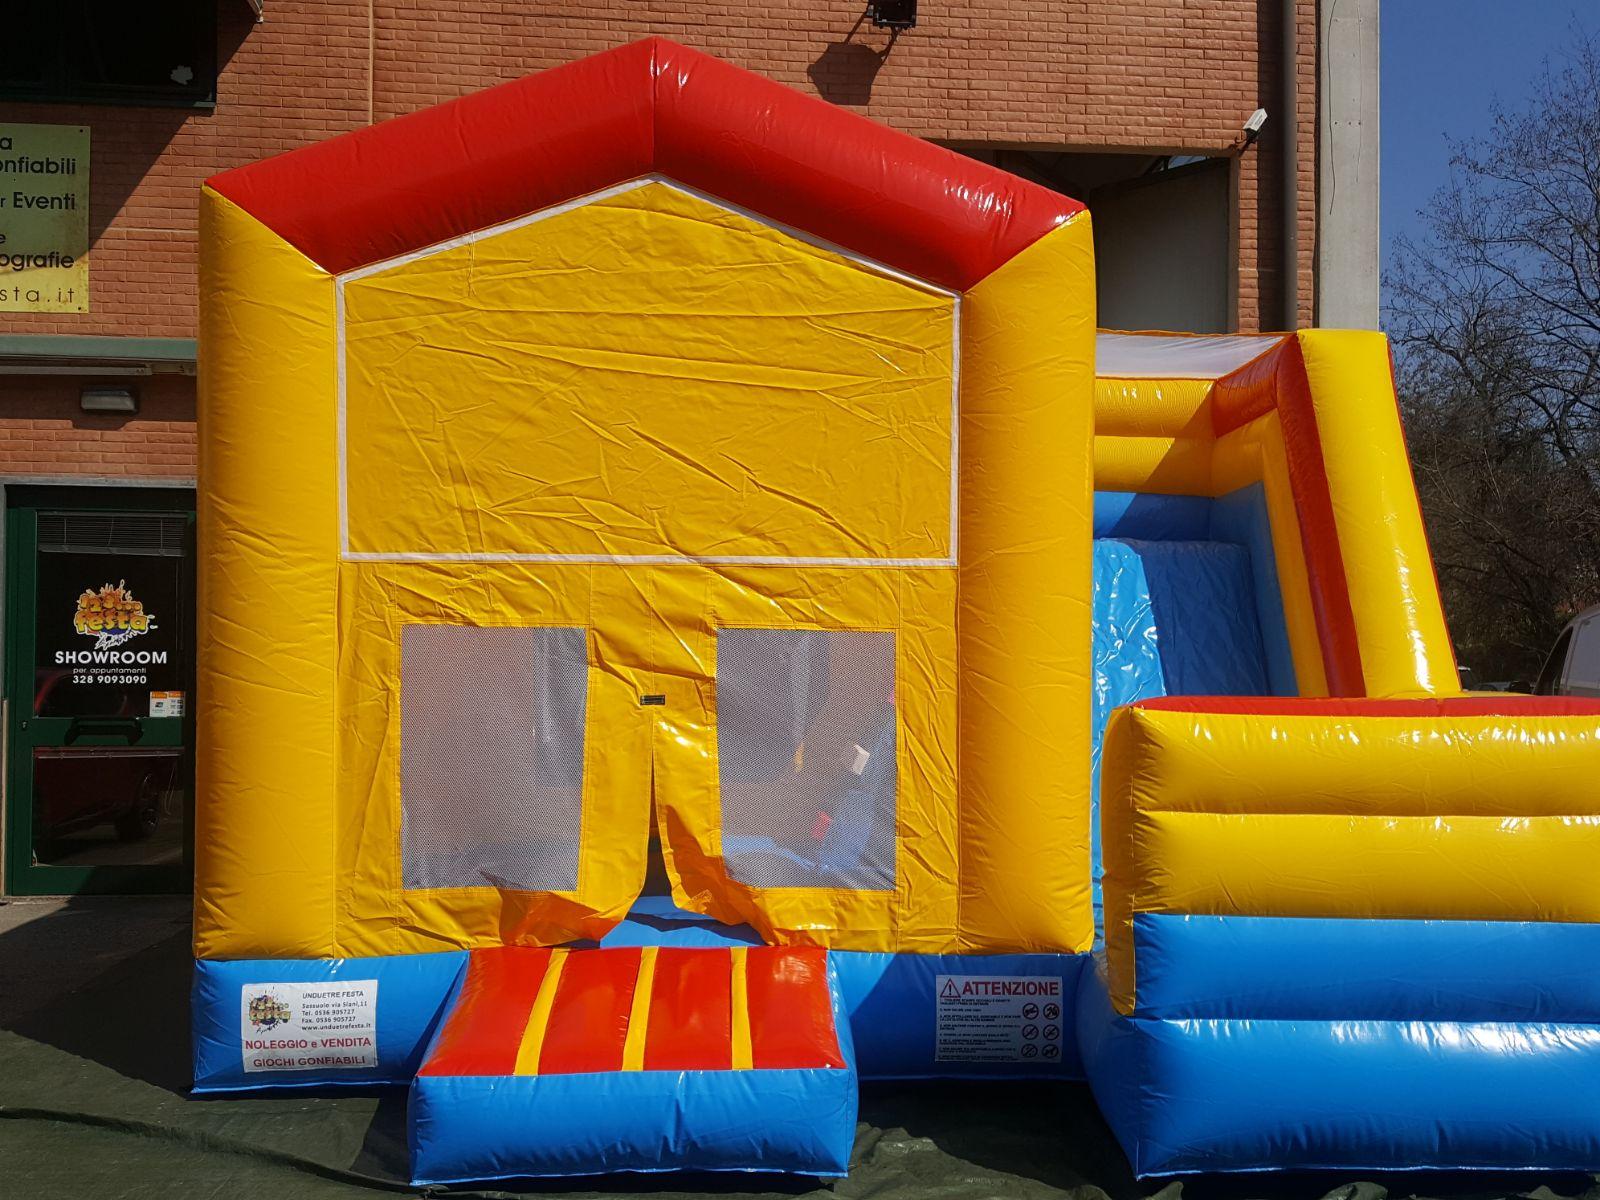 Noleggio giochi gonfiabili per feste